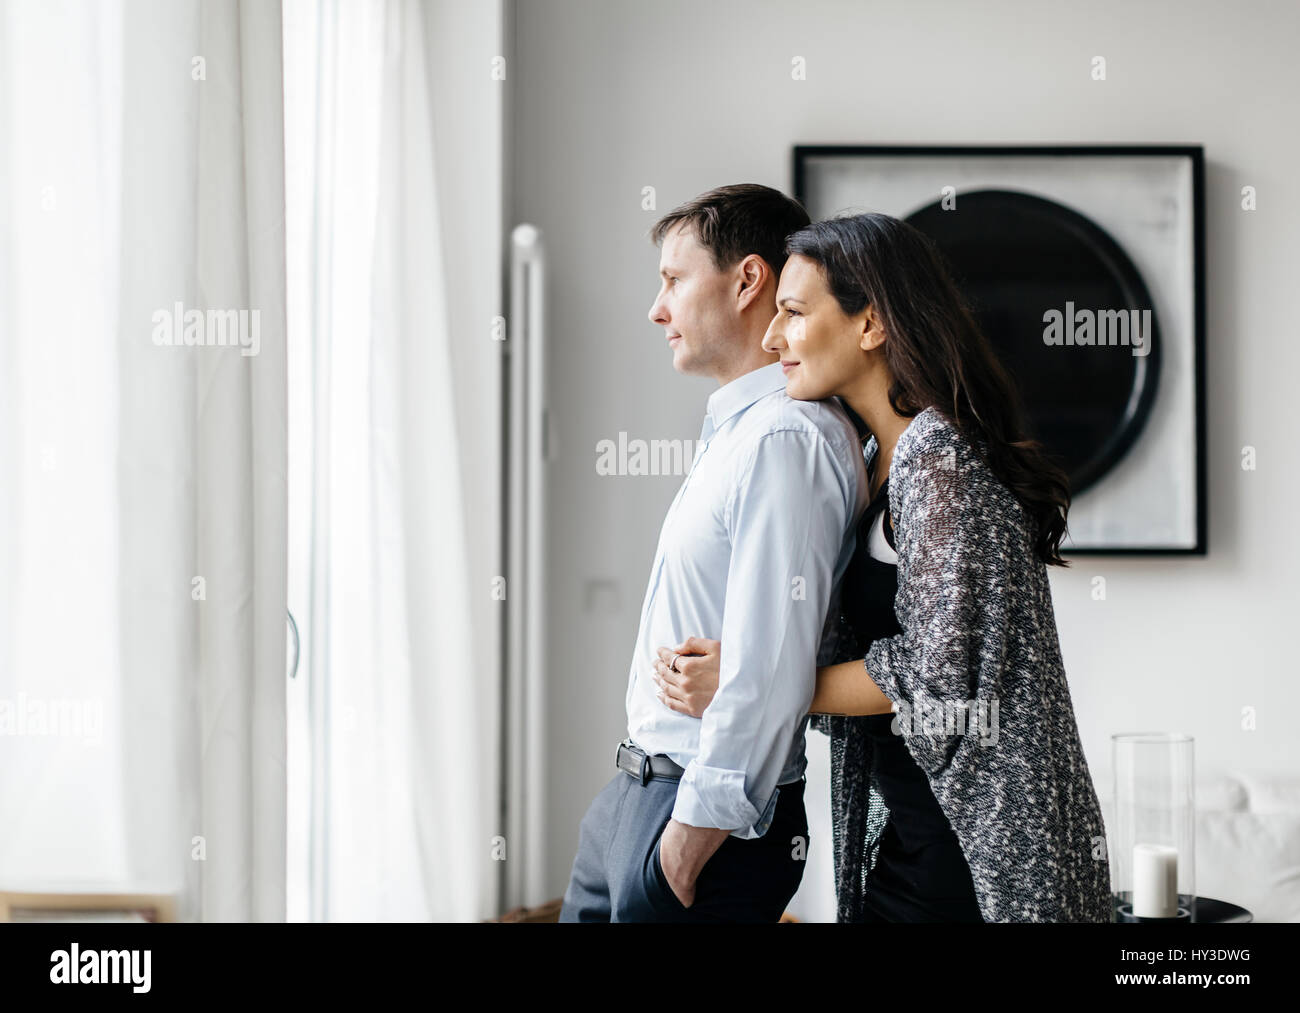 Alemania, par abrazar por la ventana Imagen De Stock